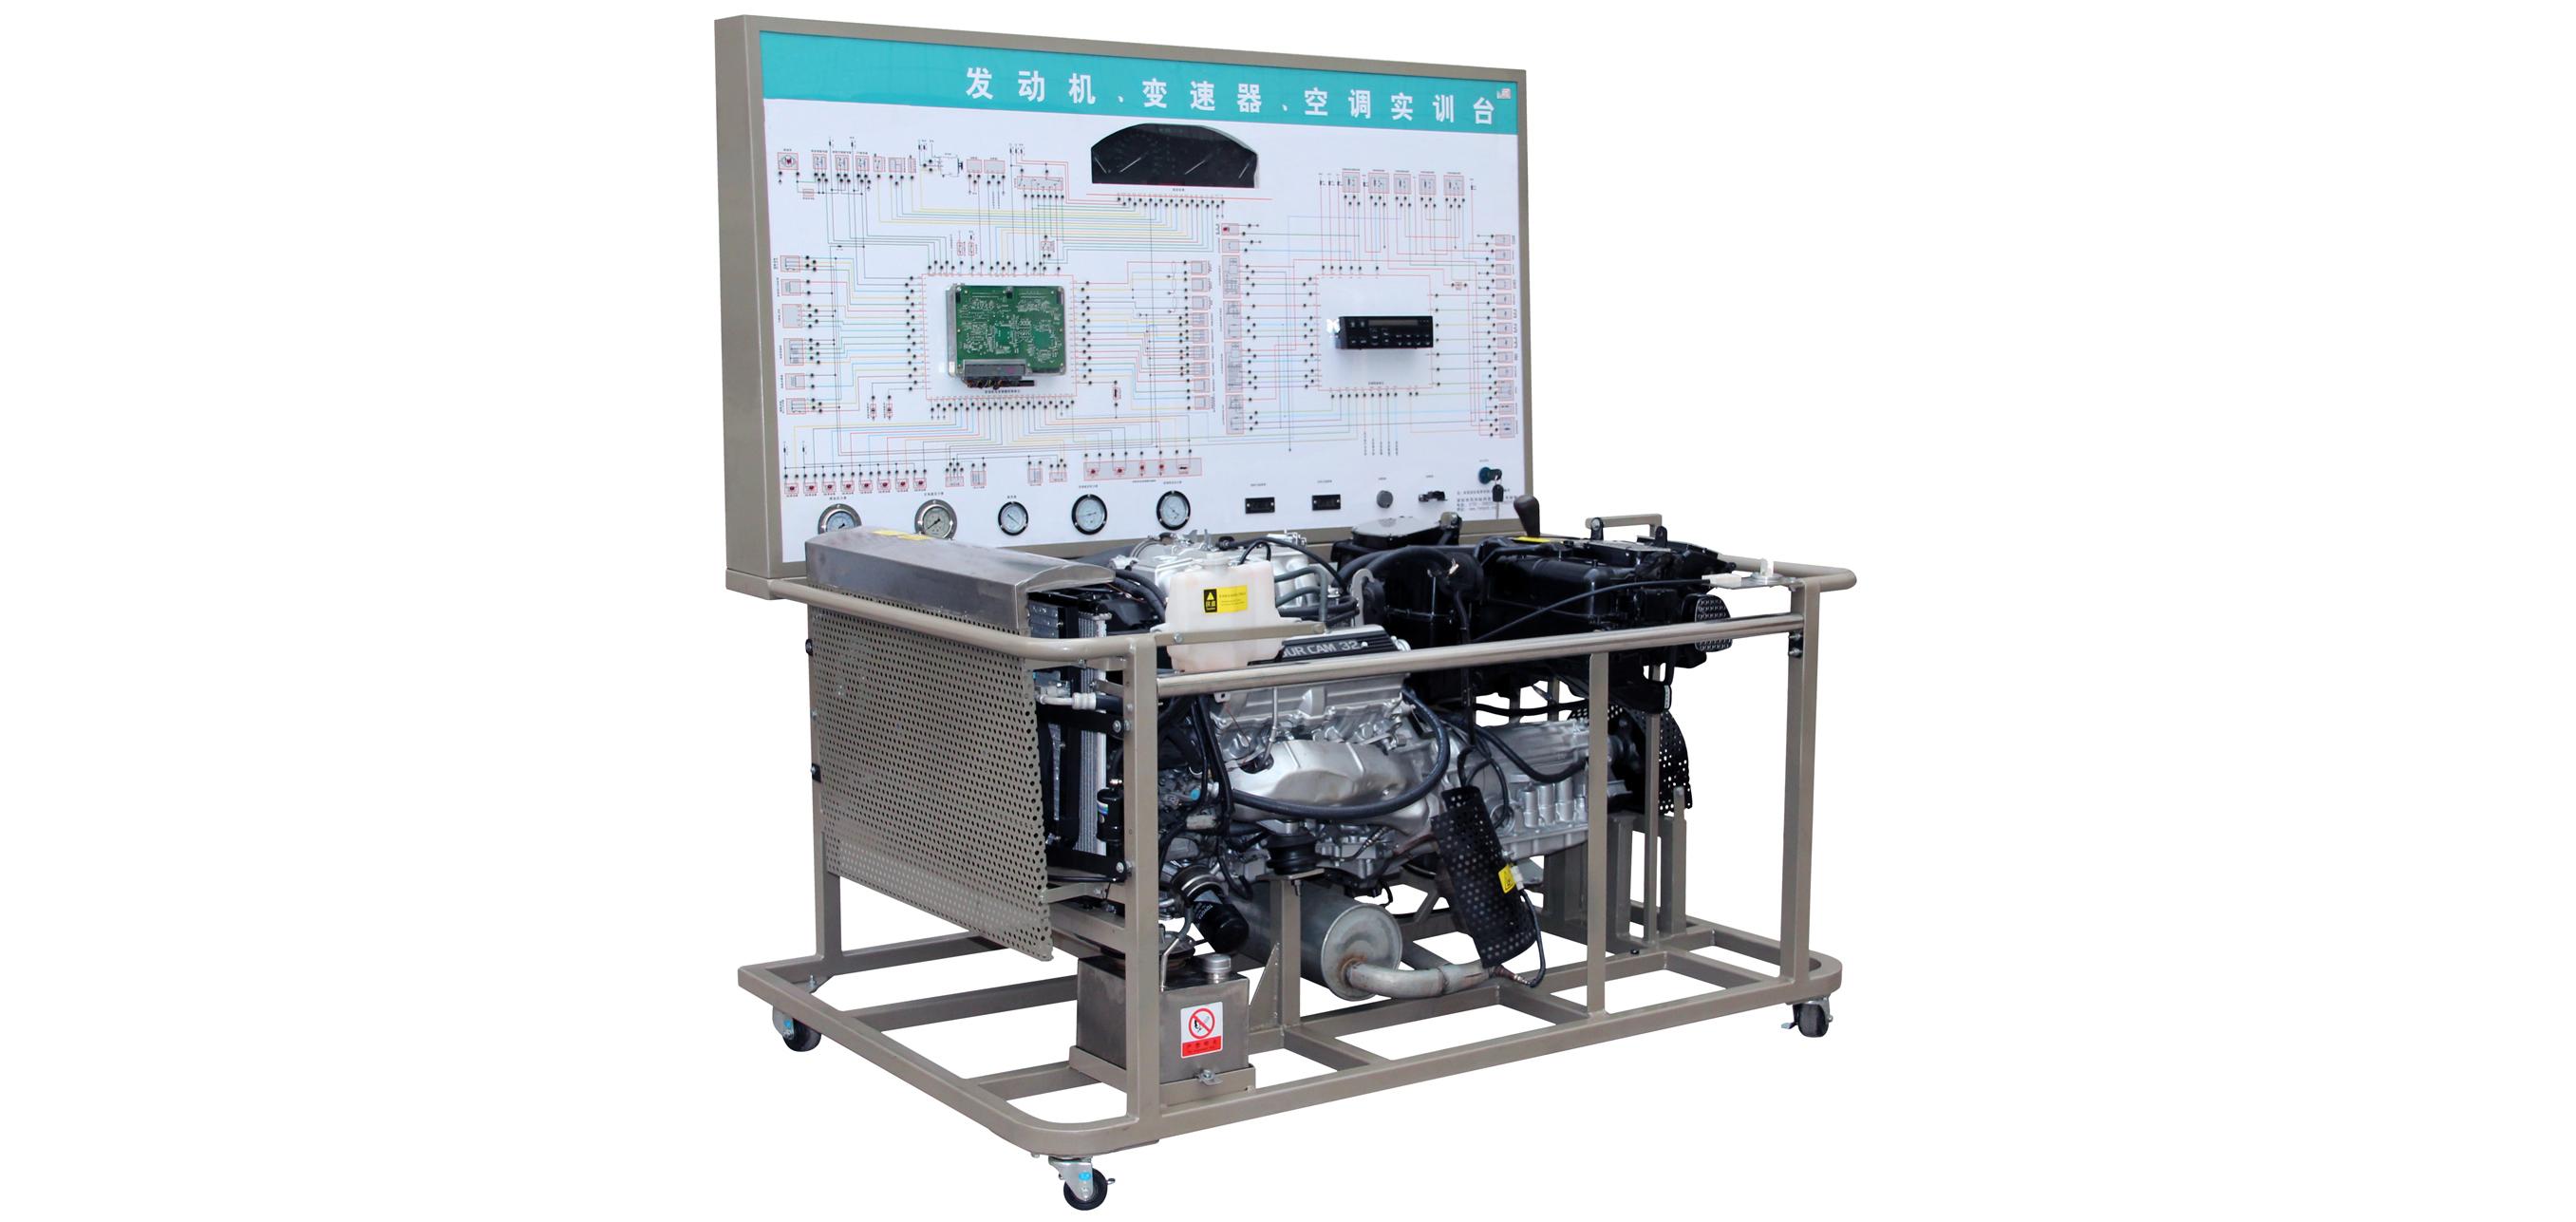 本田雅阁2.4l电控发动机.变速器与空调系统